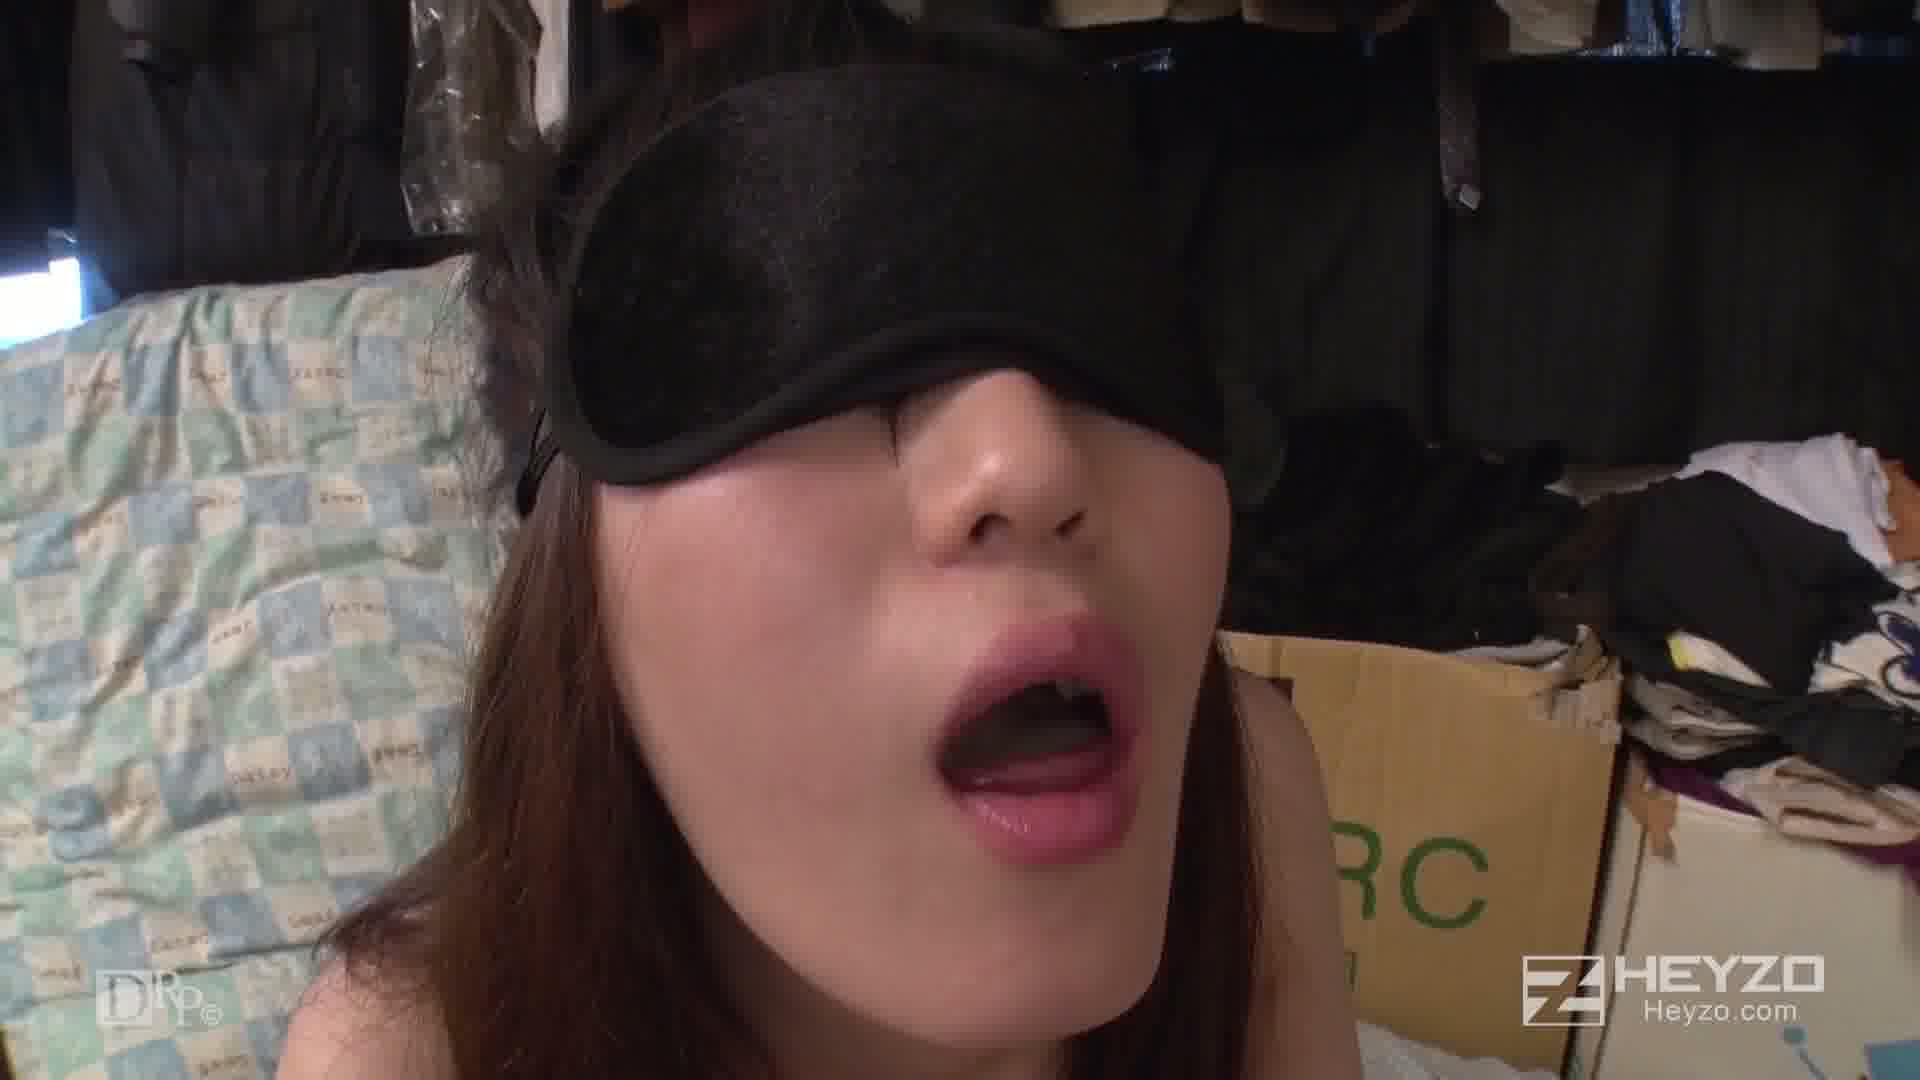 目隠し入れ替わりSEX~ダレのナニでしょうか?~ - 松下りん【入れ替わりフェラ抜き 正常位 バック中出し】